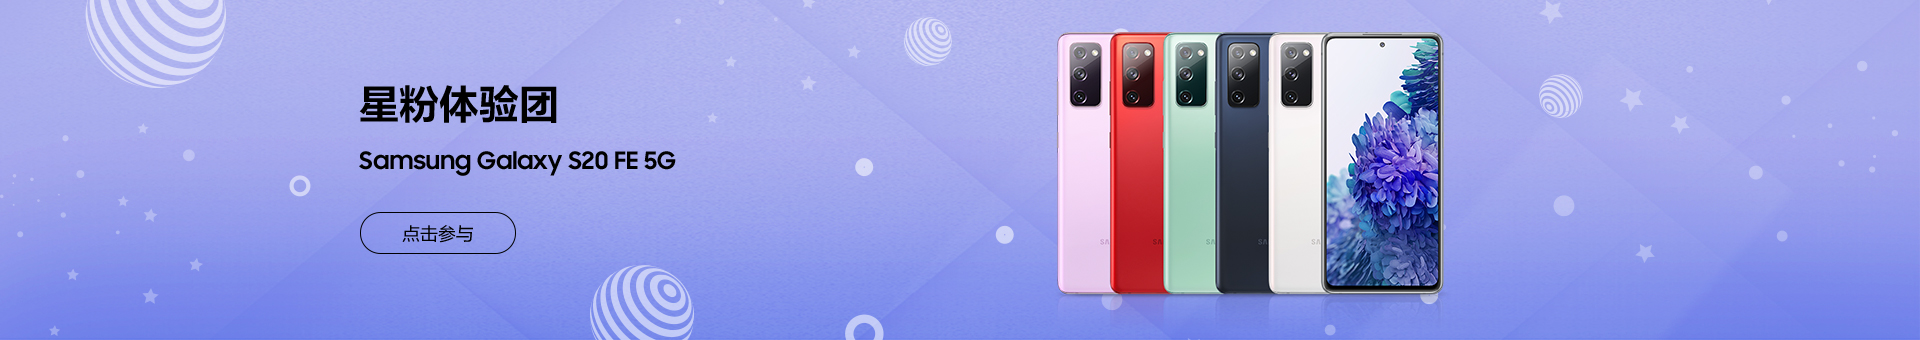 【星粉体验团】Samsung Galaxy S20 FE 5G